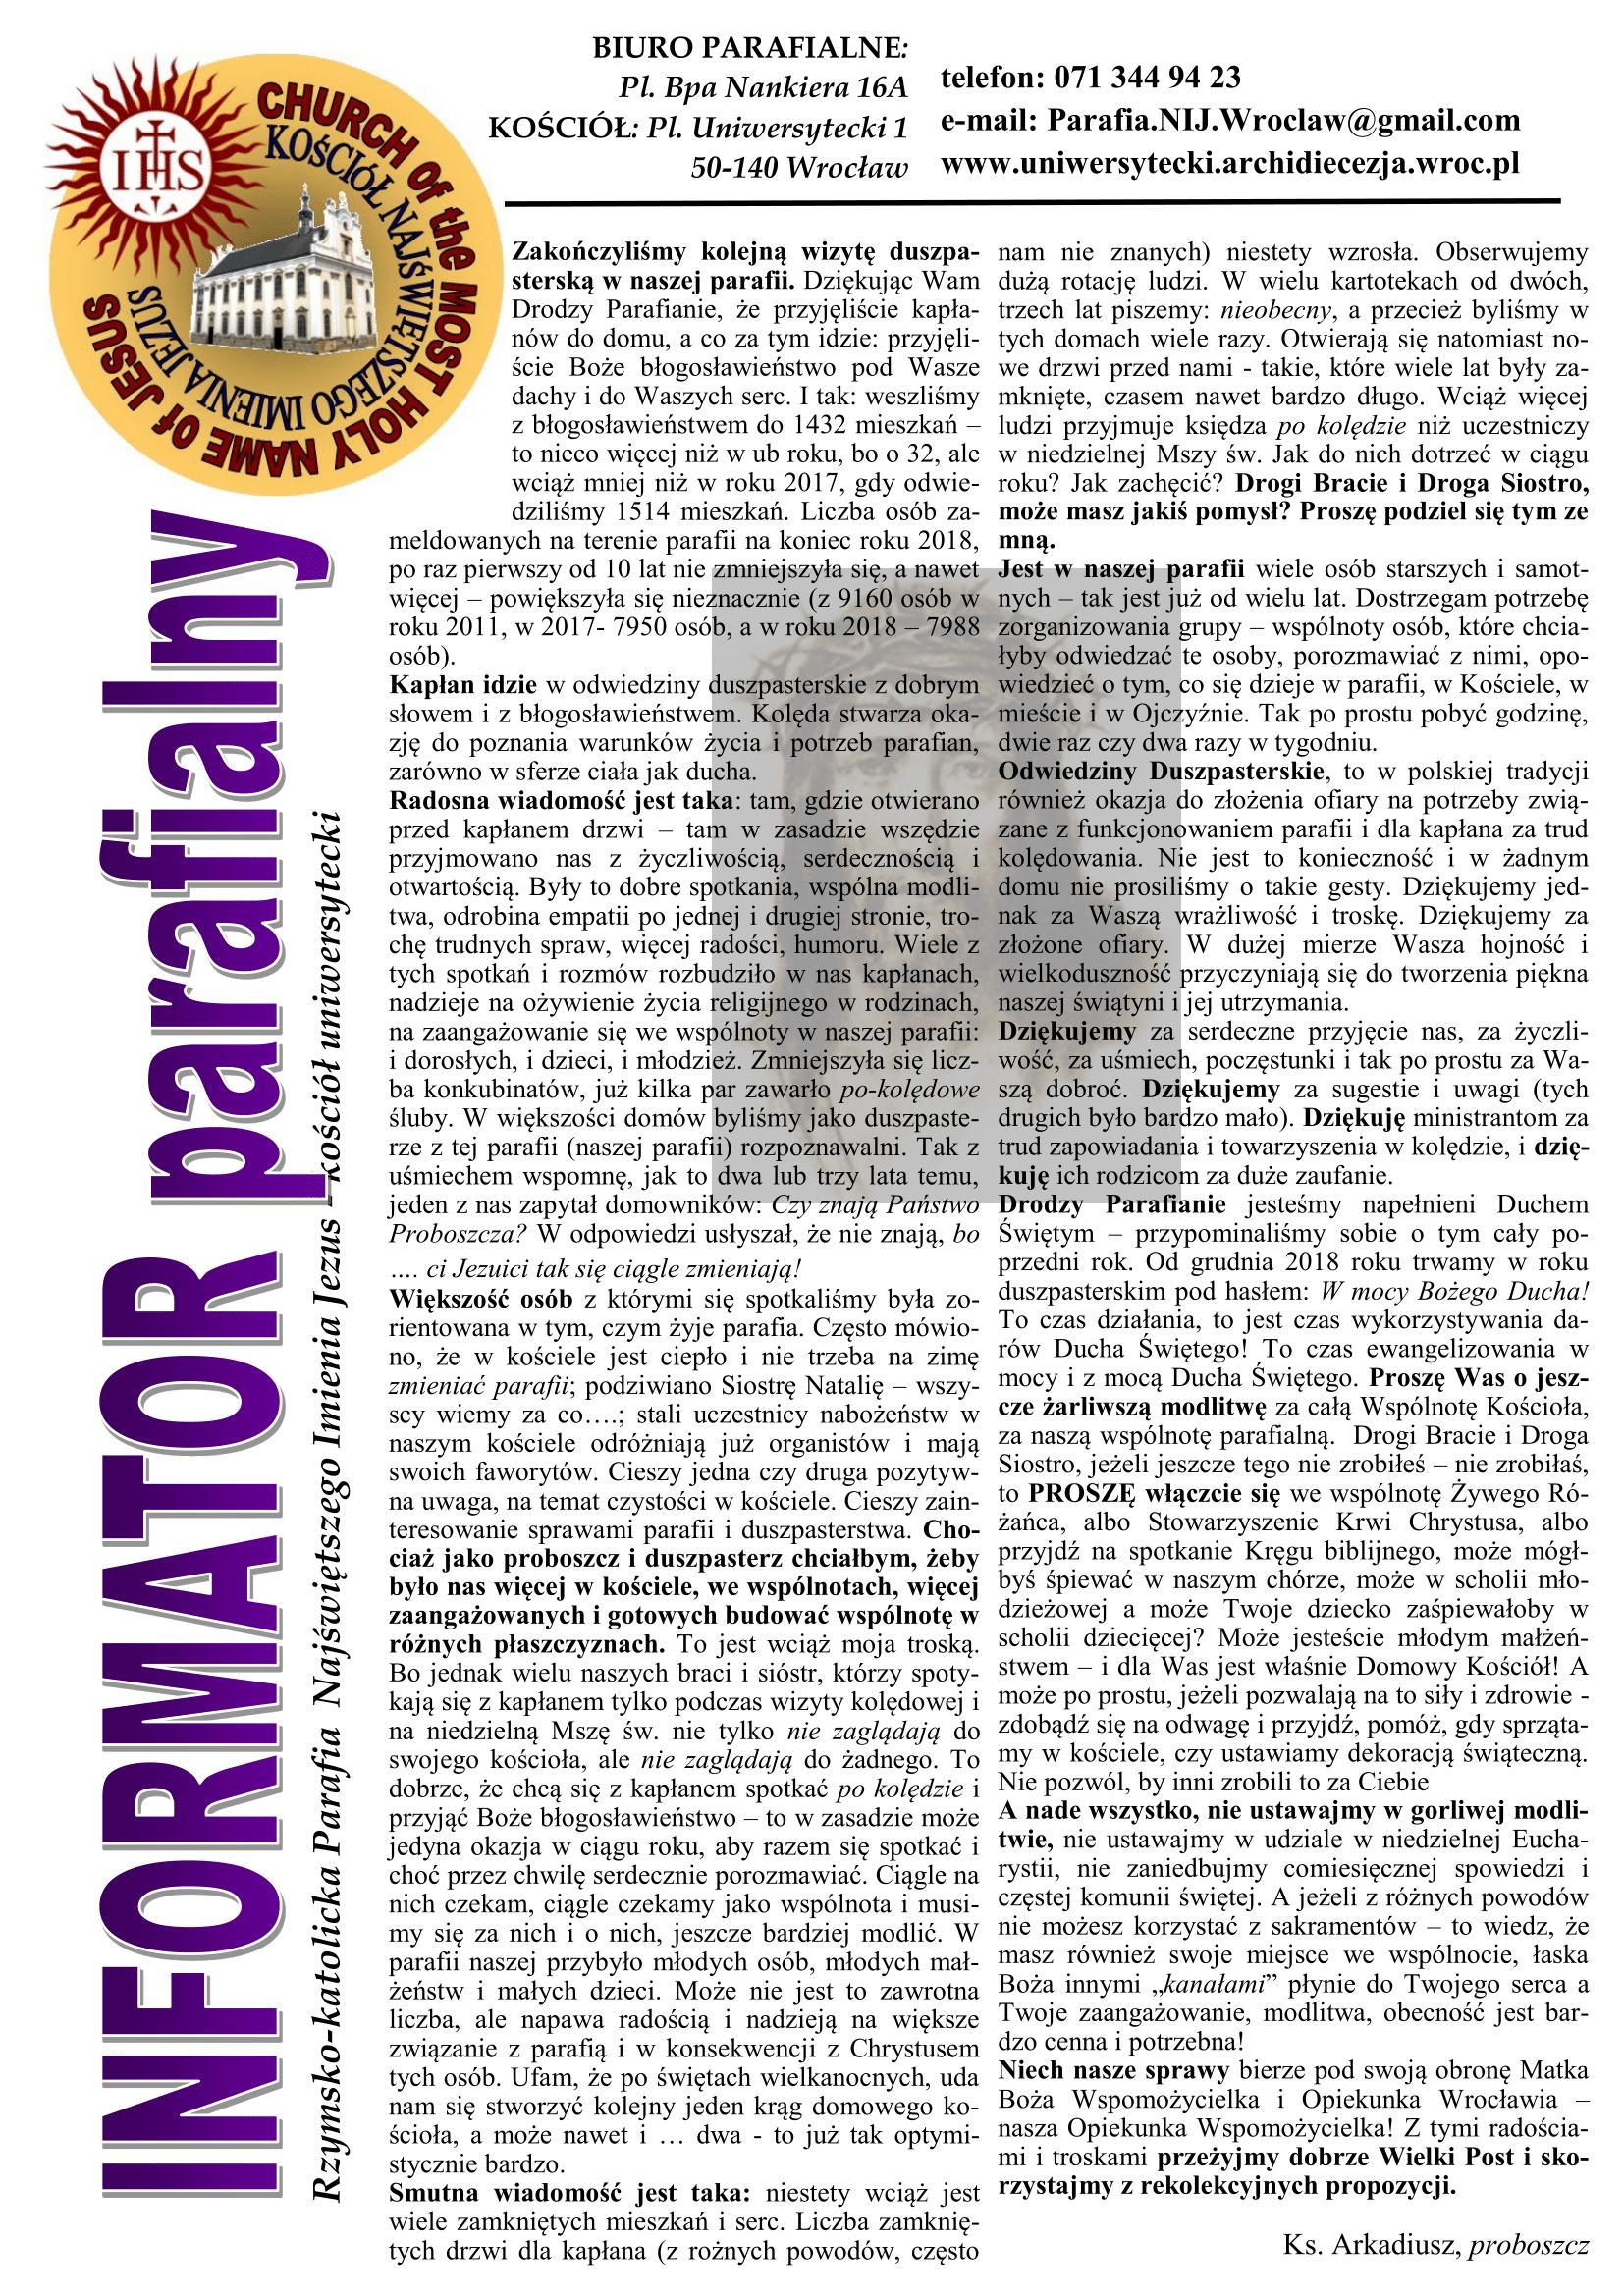 BIULETYN 21 Wielki Post 2019